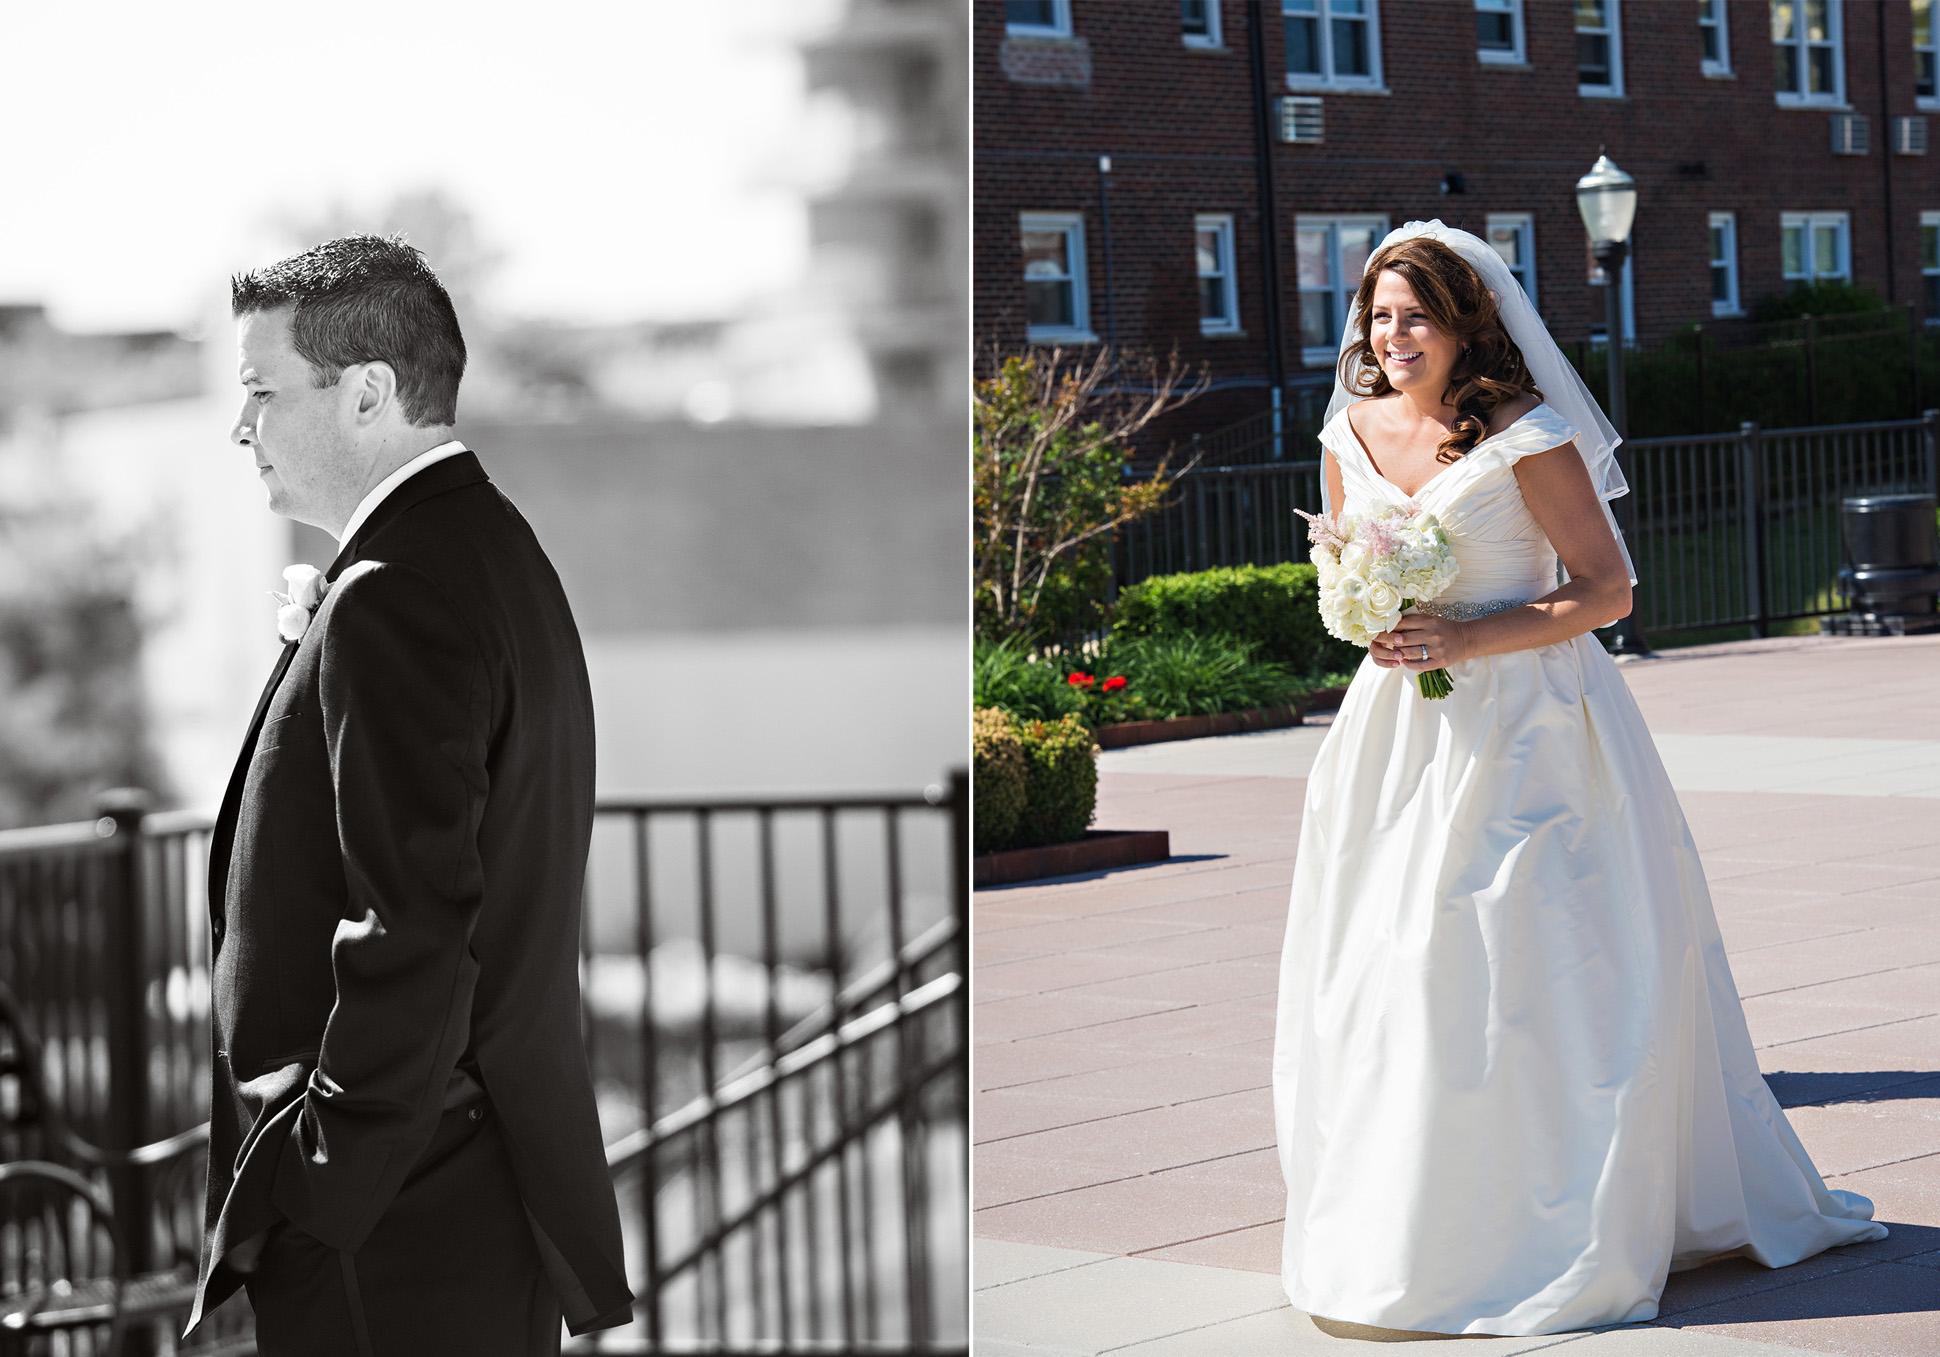 13-Sara Stadtmiller-SRS-Photography-Asbury-Park-Wedding-Photographer-Monmouth-County-Wedding-Photographer-NJ-Wedding-Photographer-Molly-Pitcher-Inn-Wedding